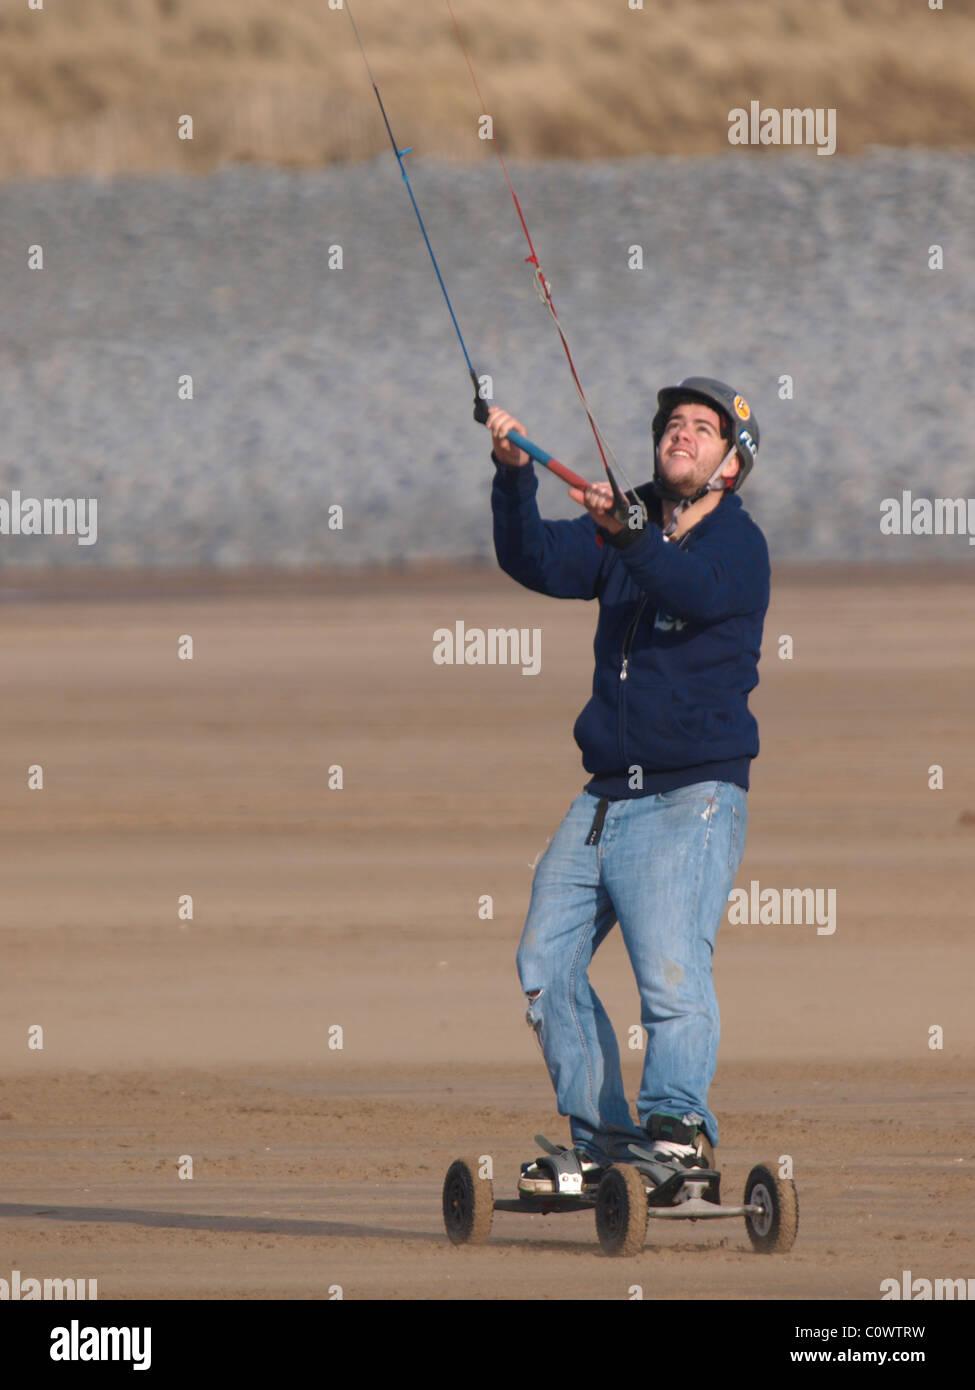 Kite Landboarding / KGB / Kite Mountainboarding, Devon, UK - Stock Image